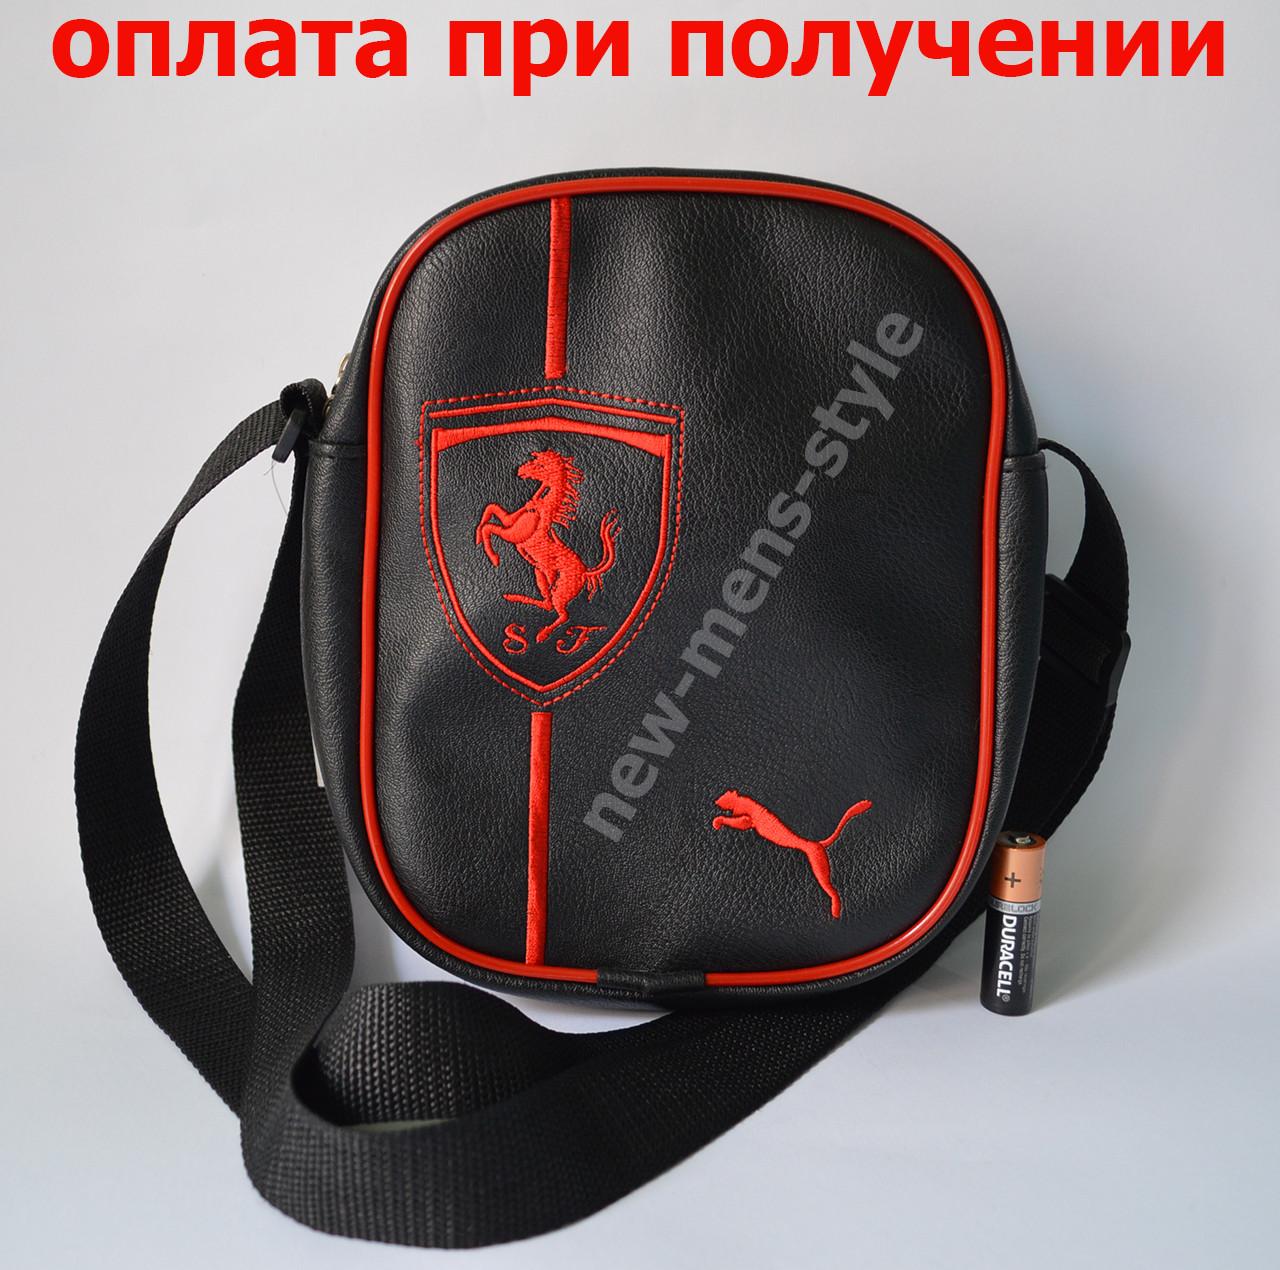 Мужская спортивная кожаная сумка барсетка рюкзак Puma Porsche купить